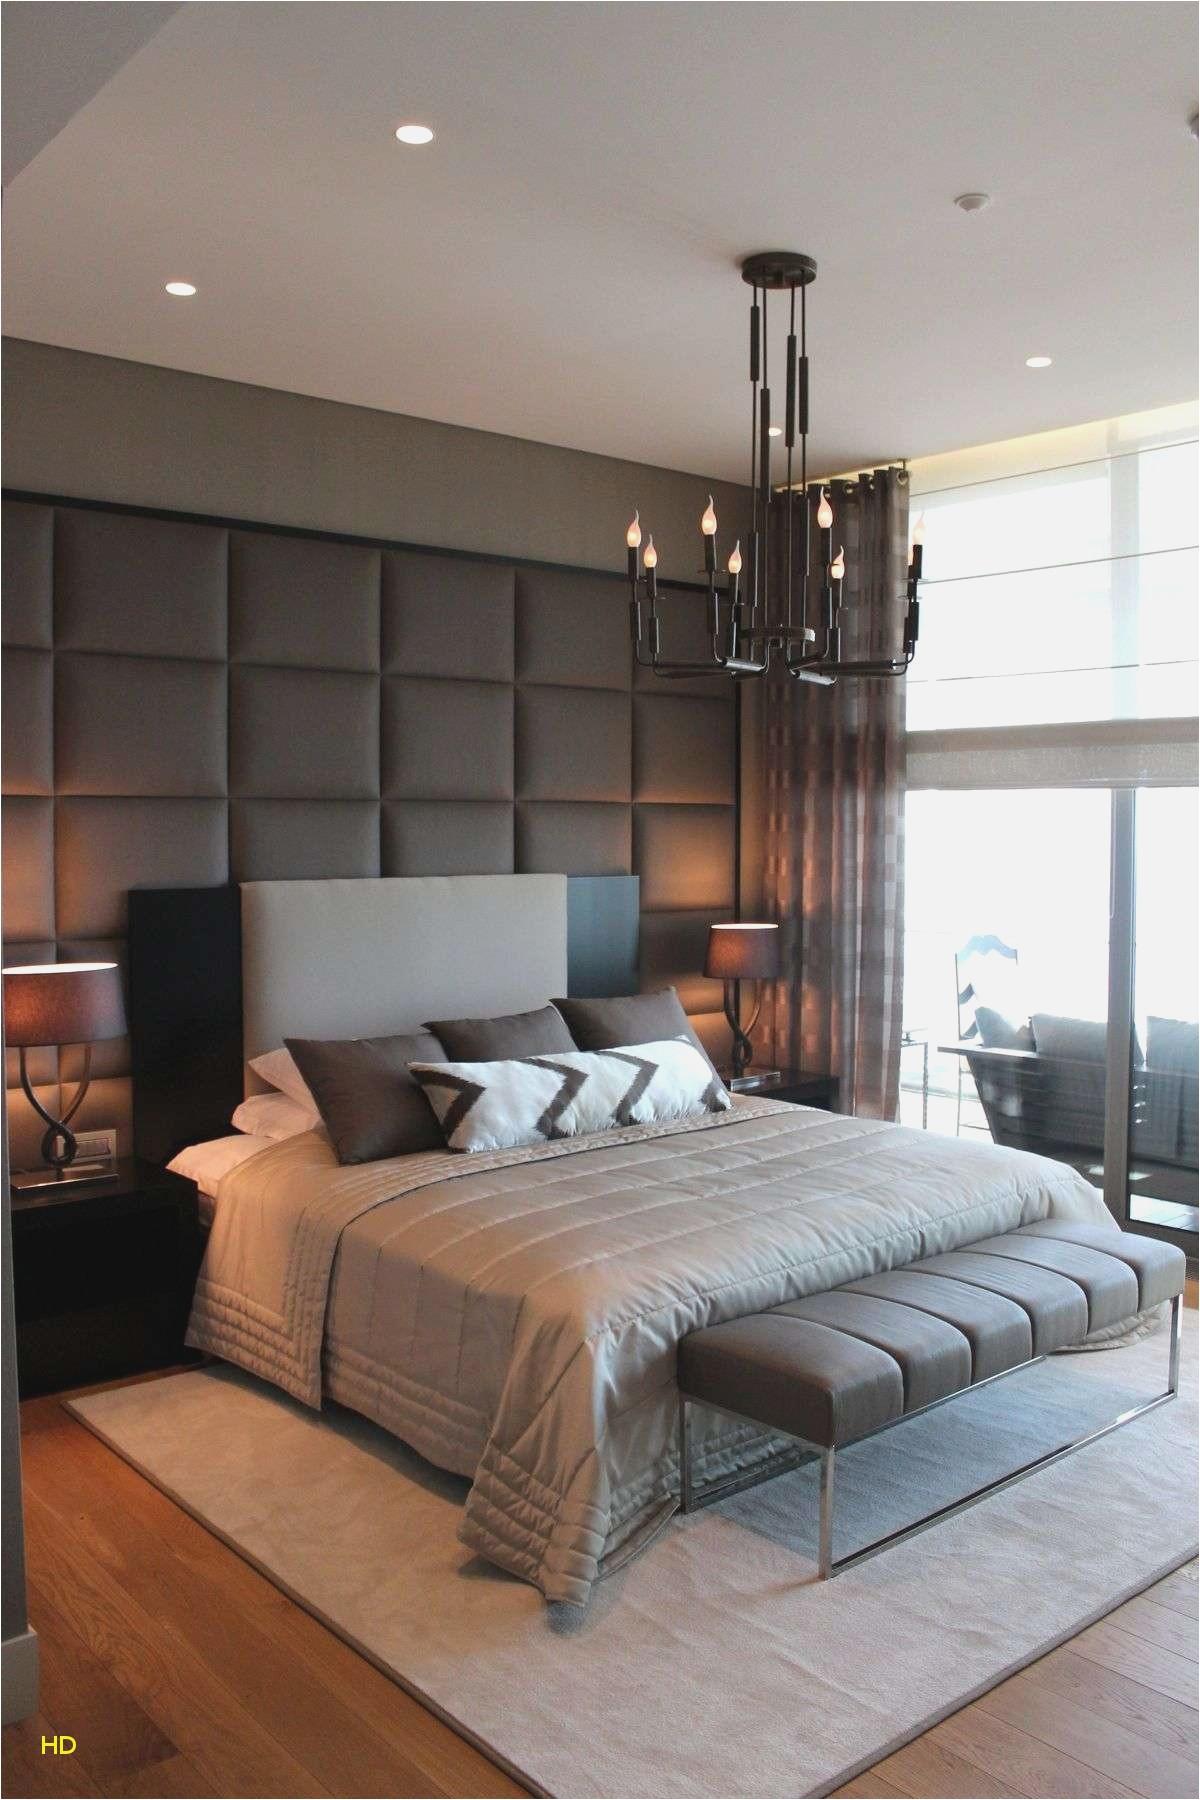 Chambre Twin Cozy Bedroom Ideas Inspirational Media Cache Ec0 Pinimg 1200x 03 01 0d